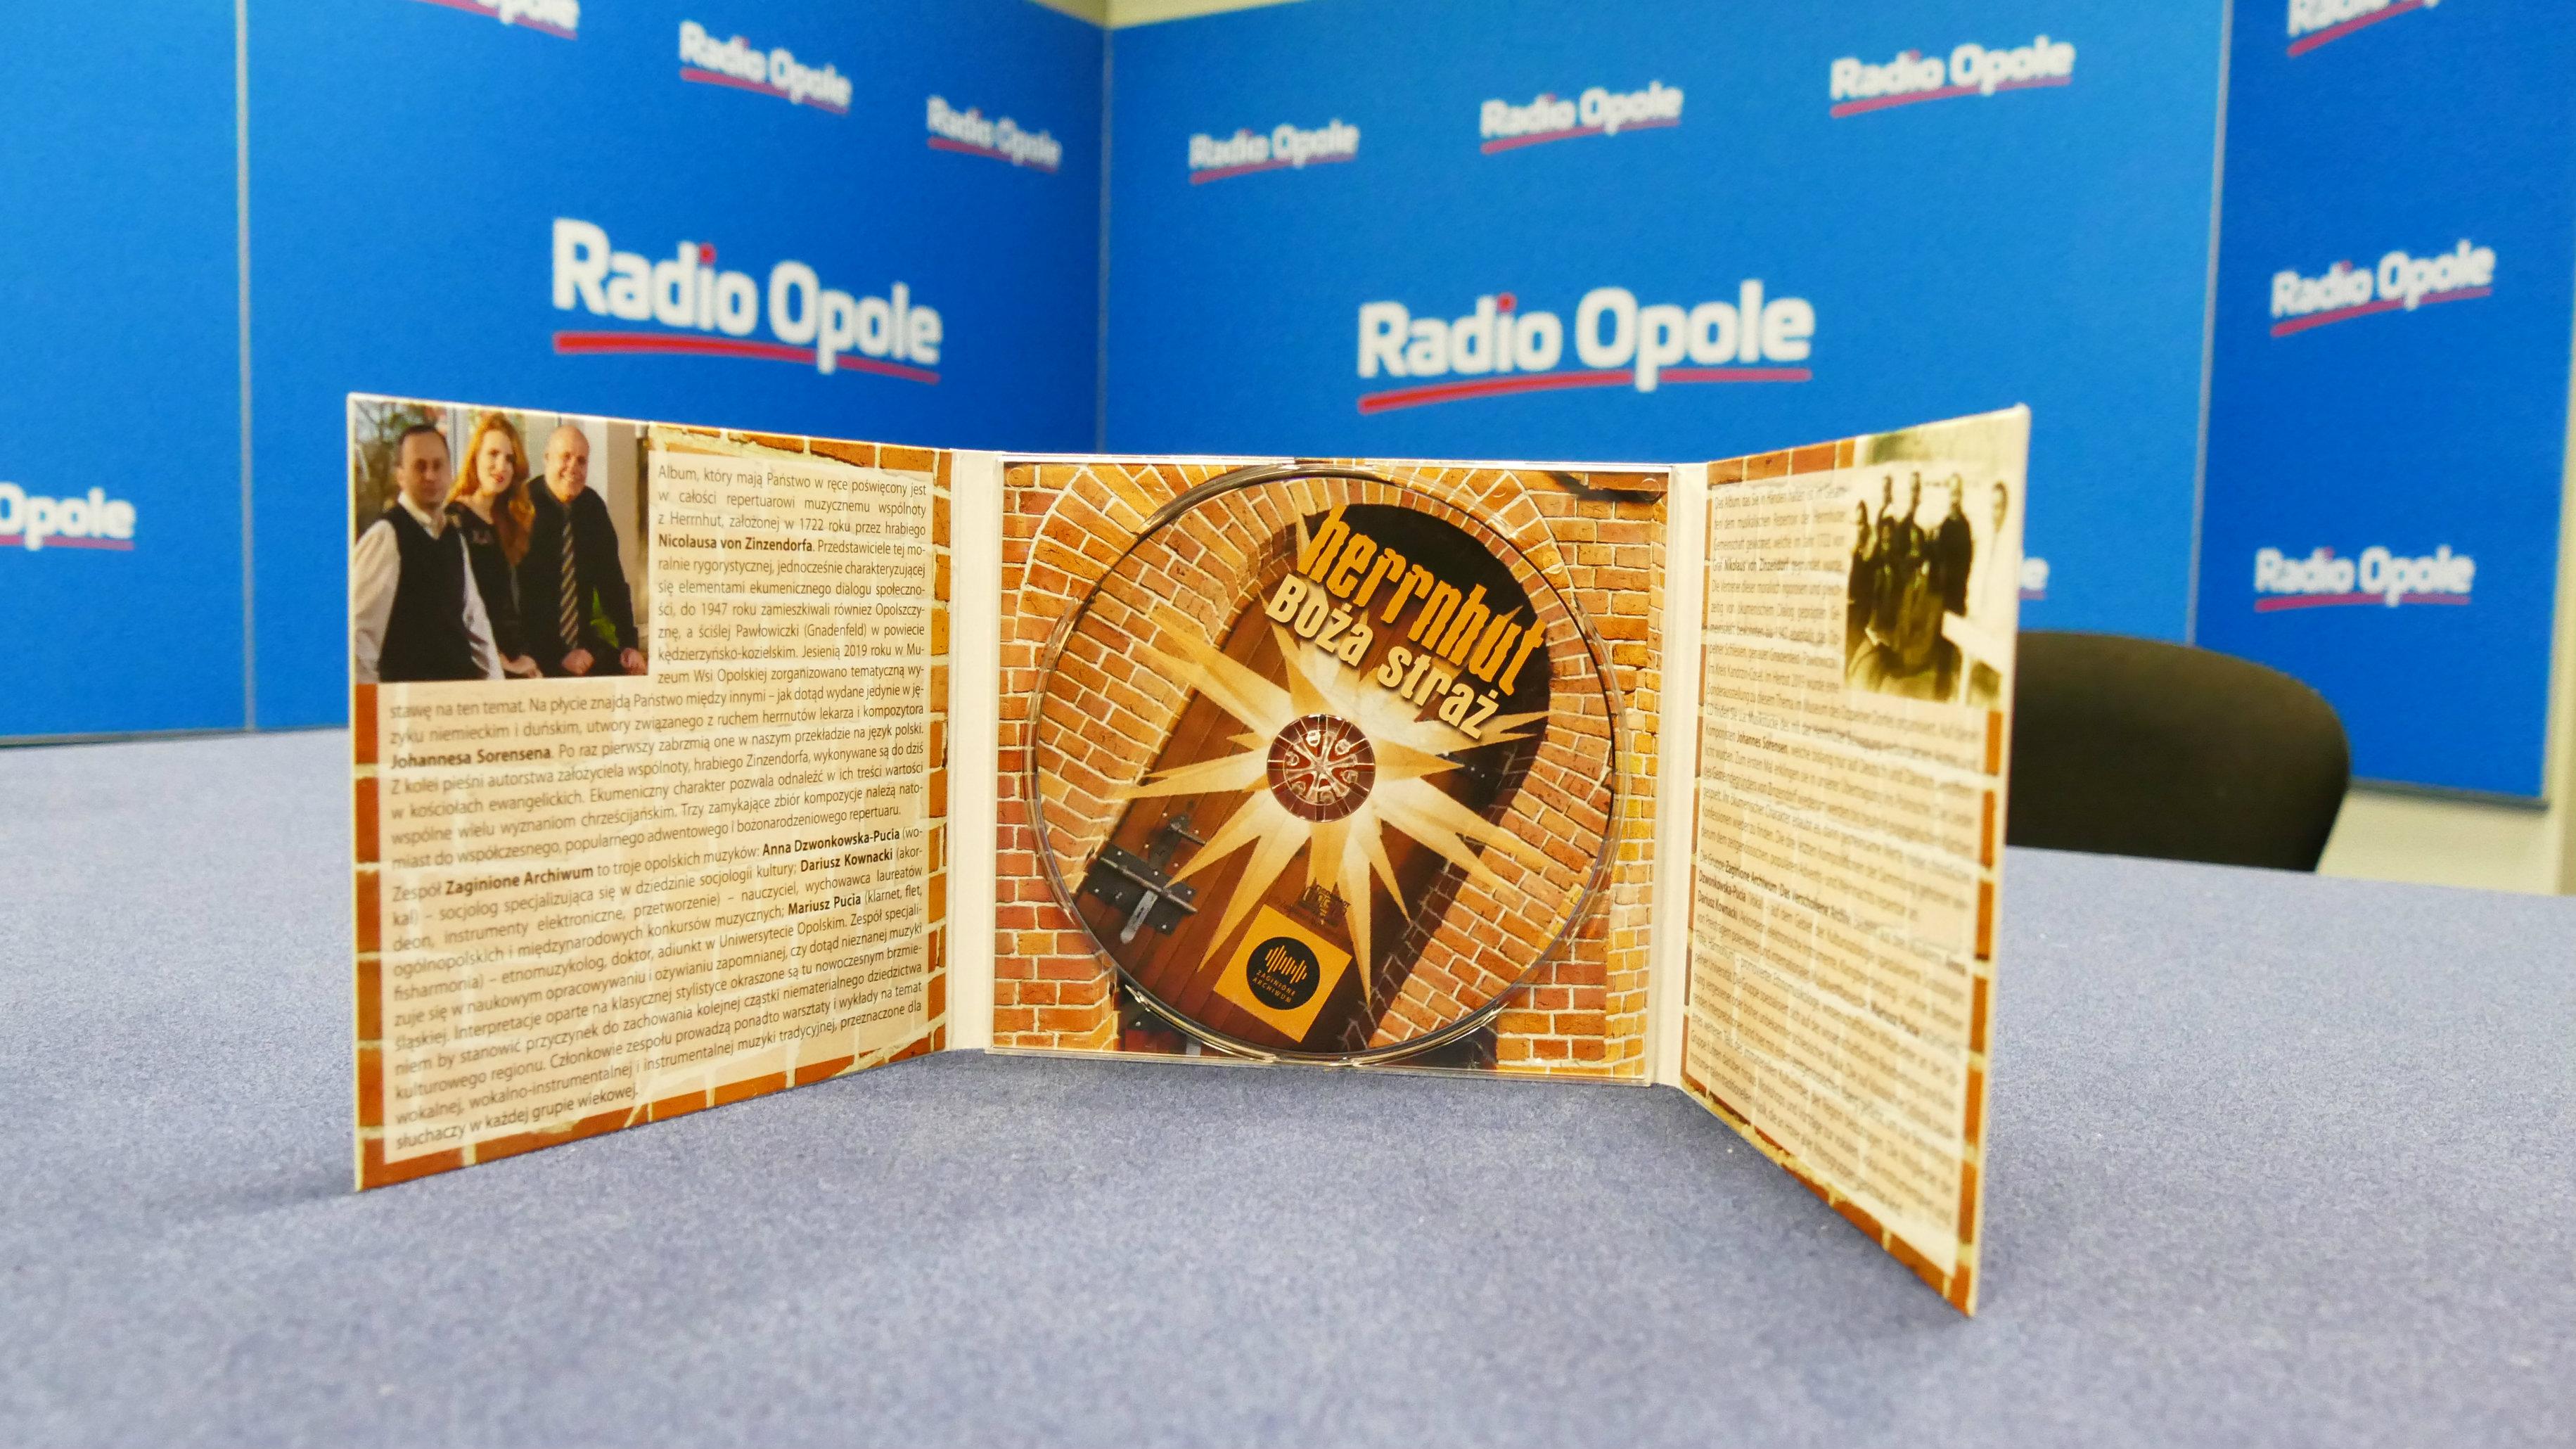 Ukazała się płyta promująca kulturę muzyczną herrnhutów